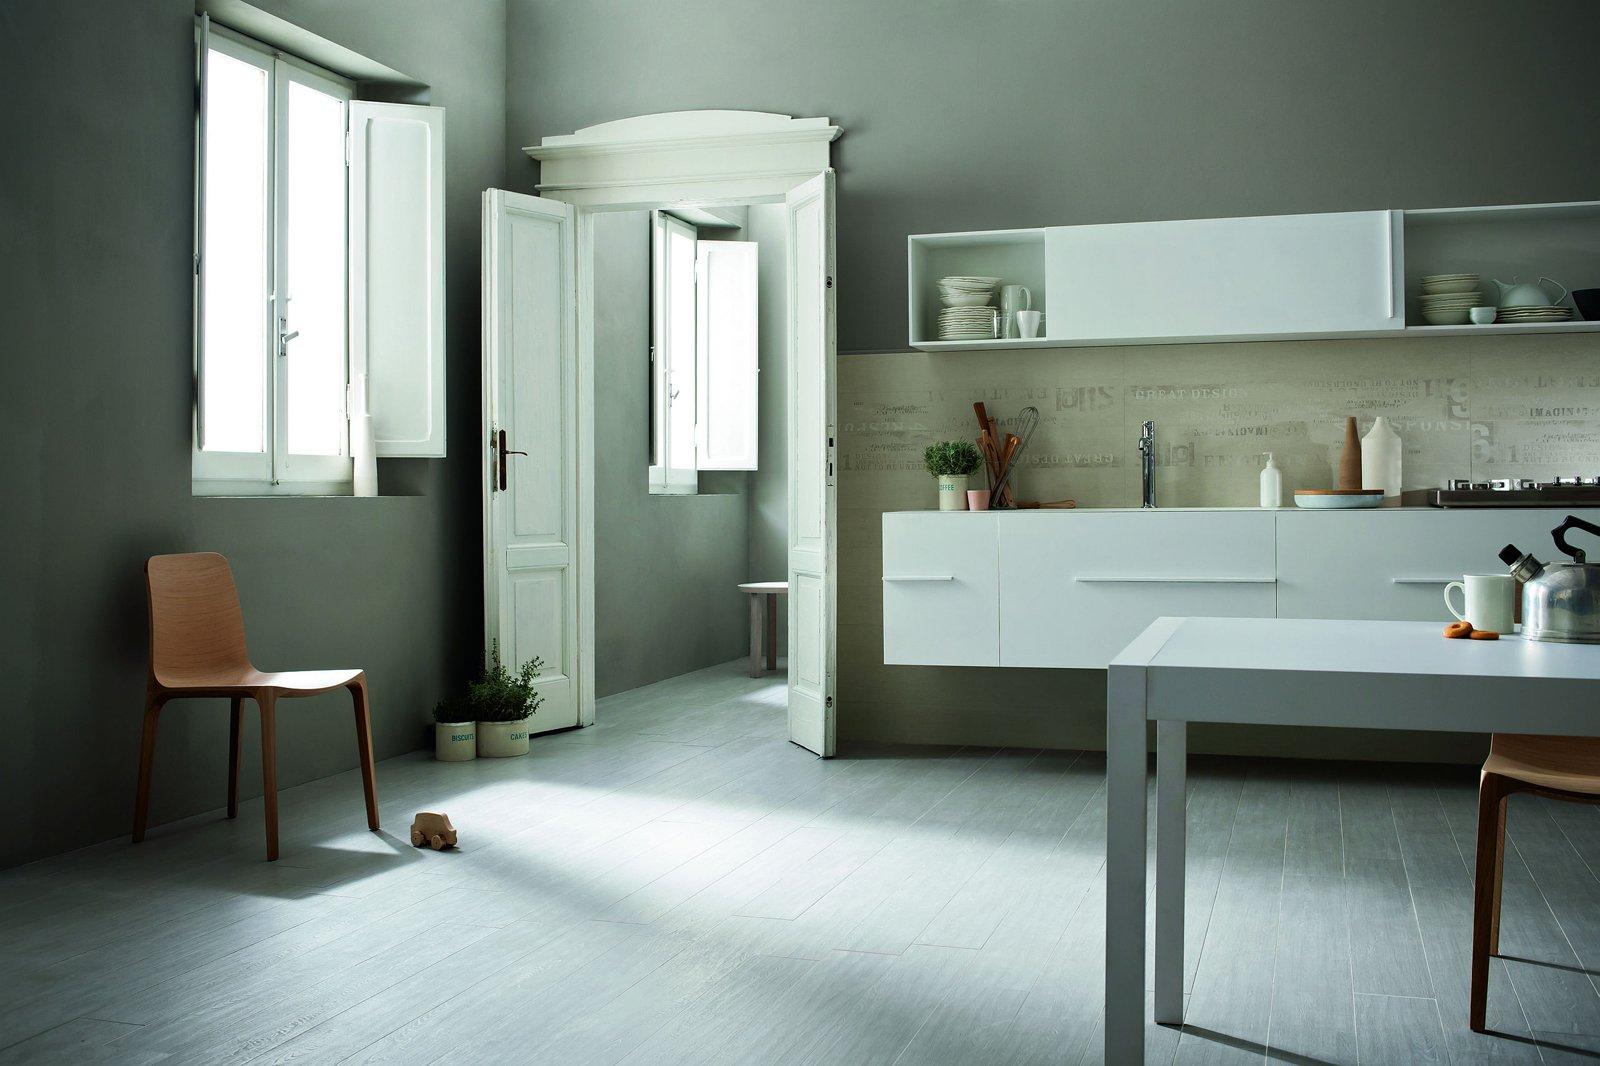 Piastrelle per il pavimento della cucina cose di casa for Marazzi piastrelle